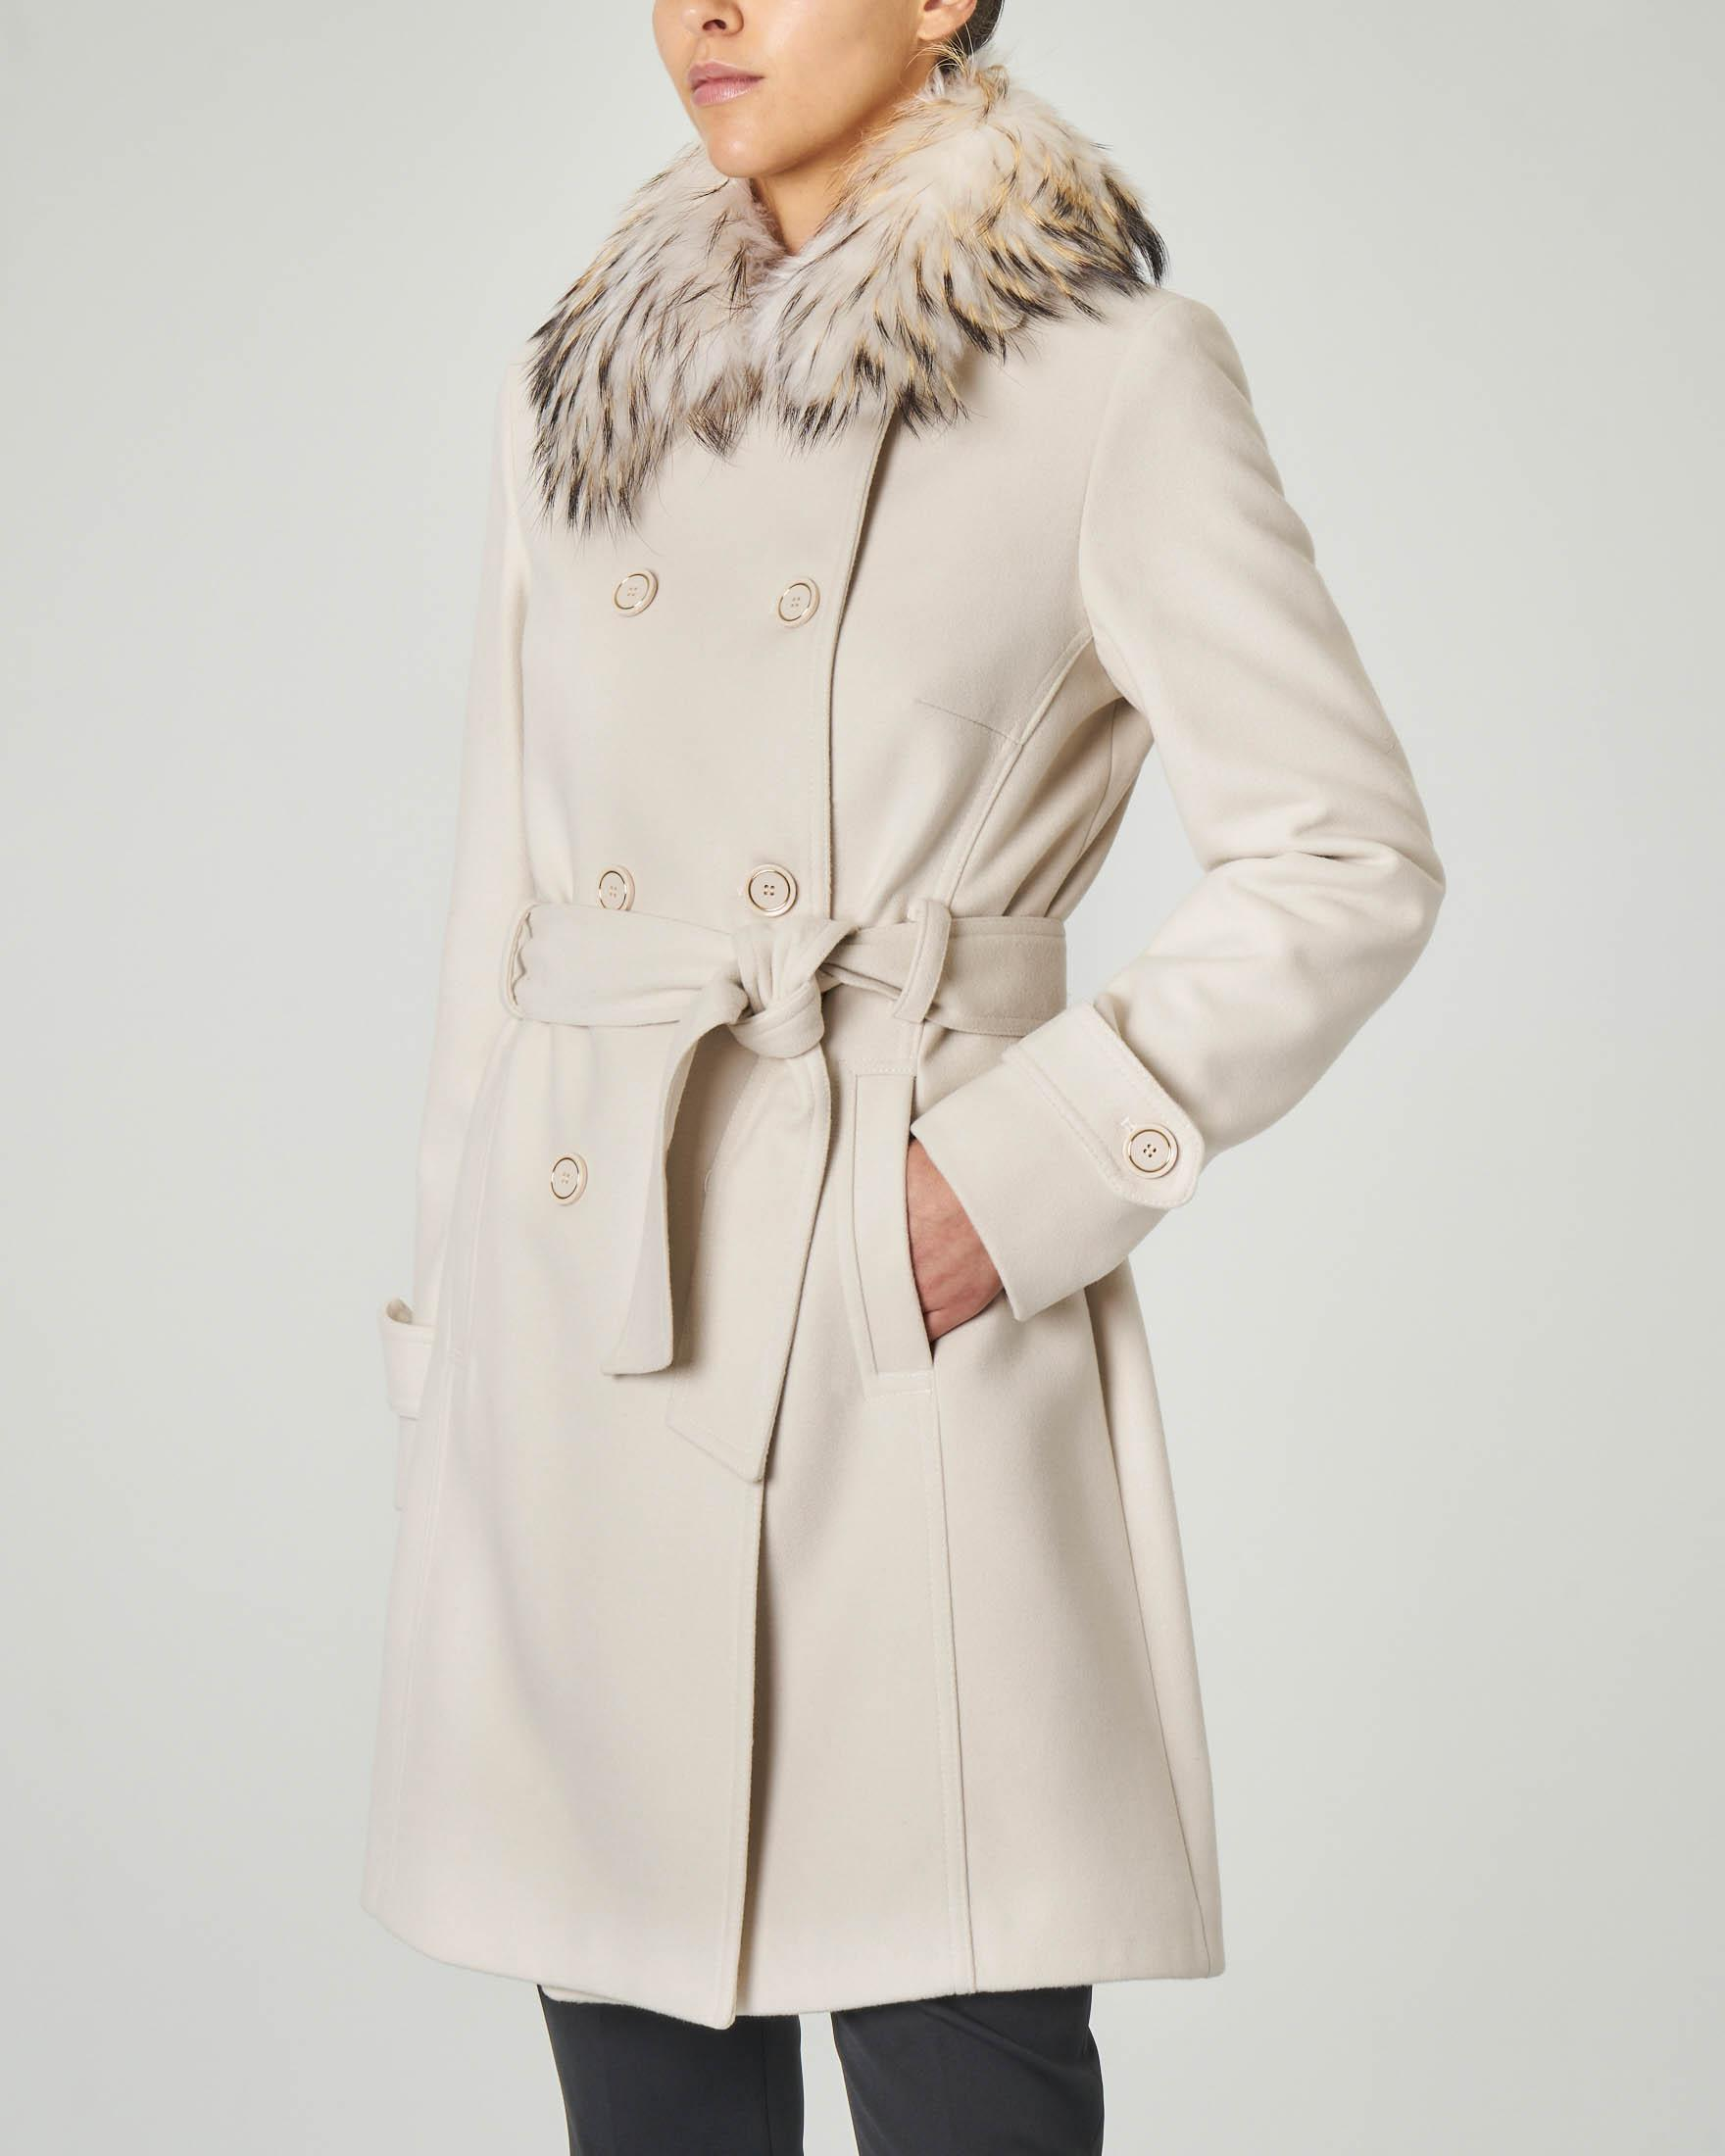 Cappotto color avorio a doppio petto con collo in pelliccia e cintura in vita